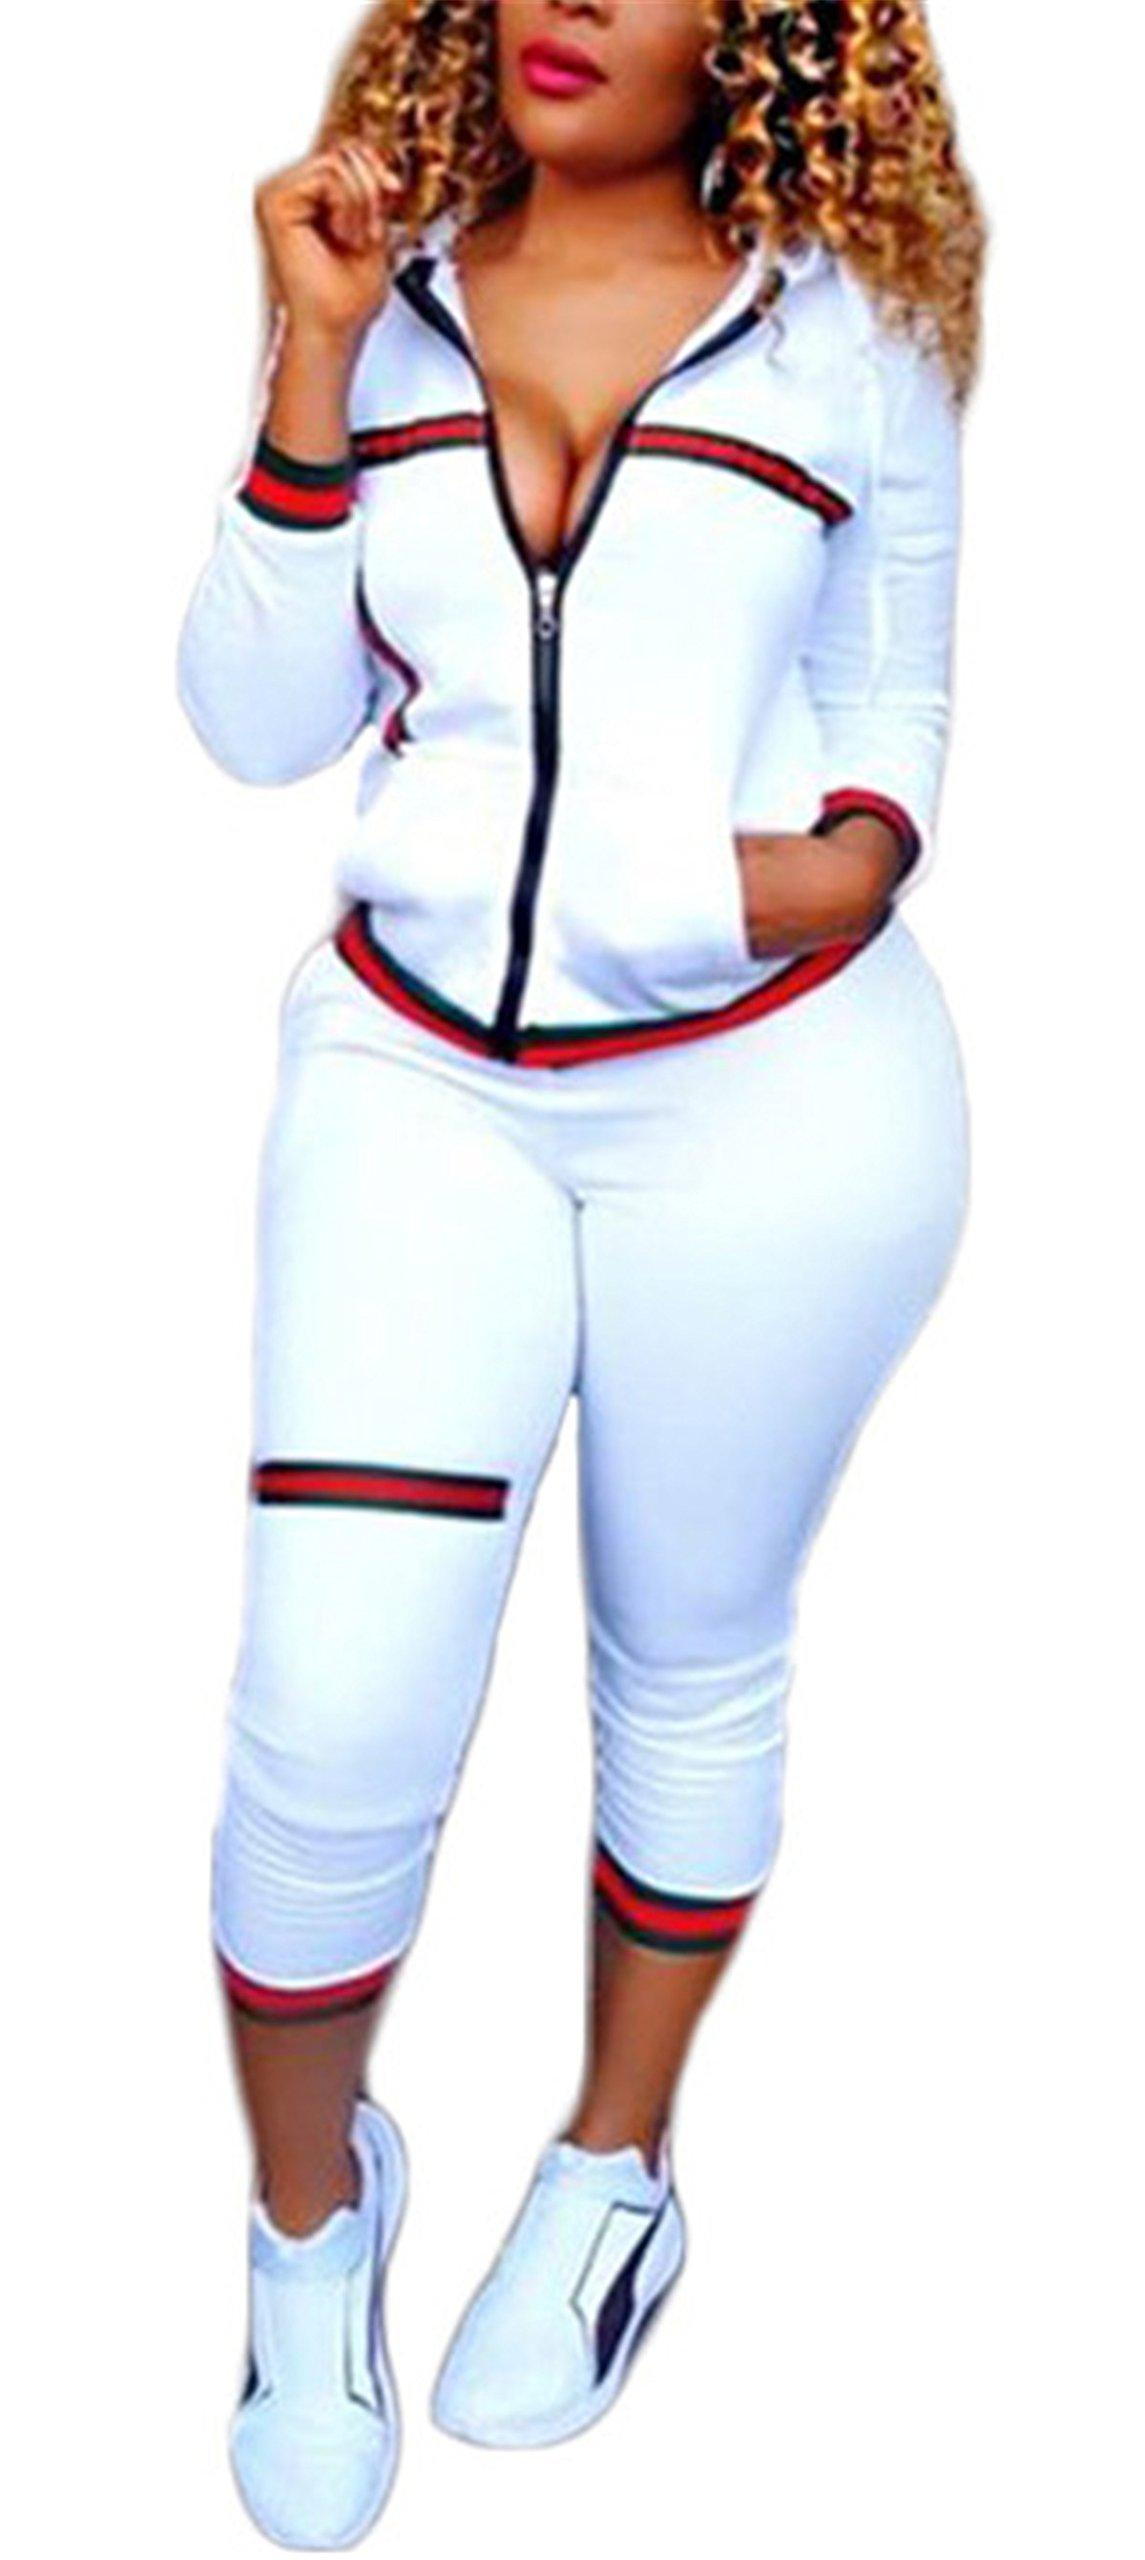 Women's Autumn Long Sleeve Slim Two Pieces Outfit Set Zipper Hoodied Crop Top + Pant Set Jumpsuit Dress Sports Suit White L